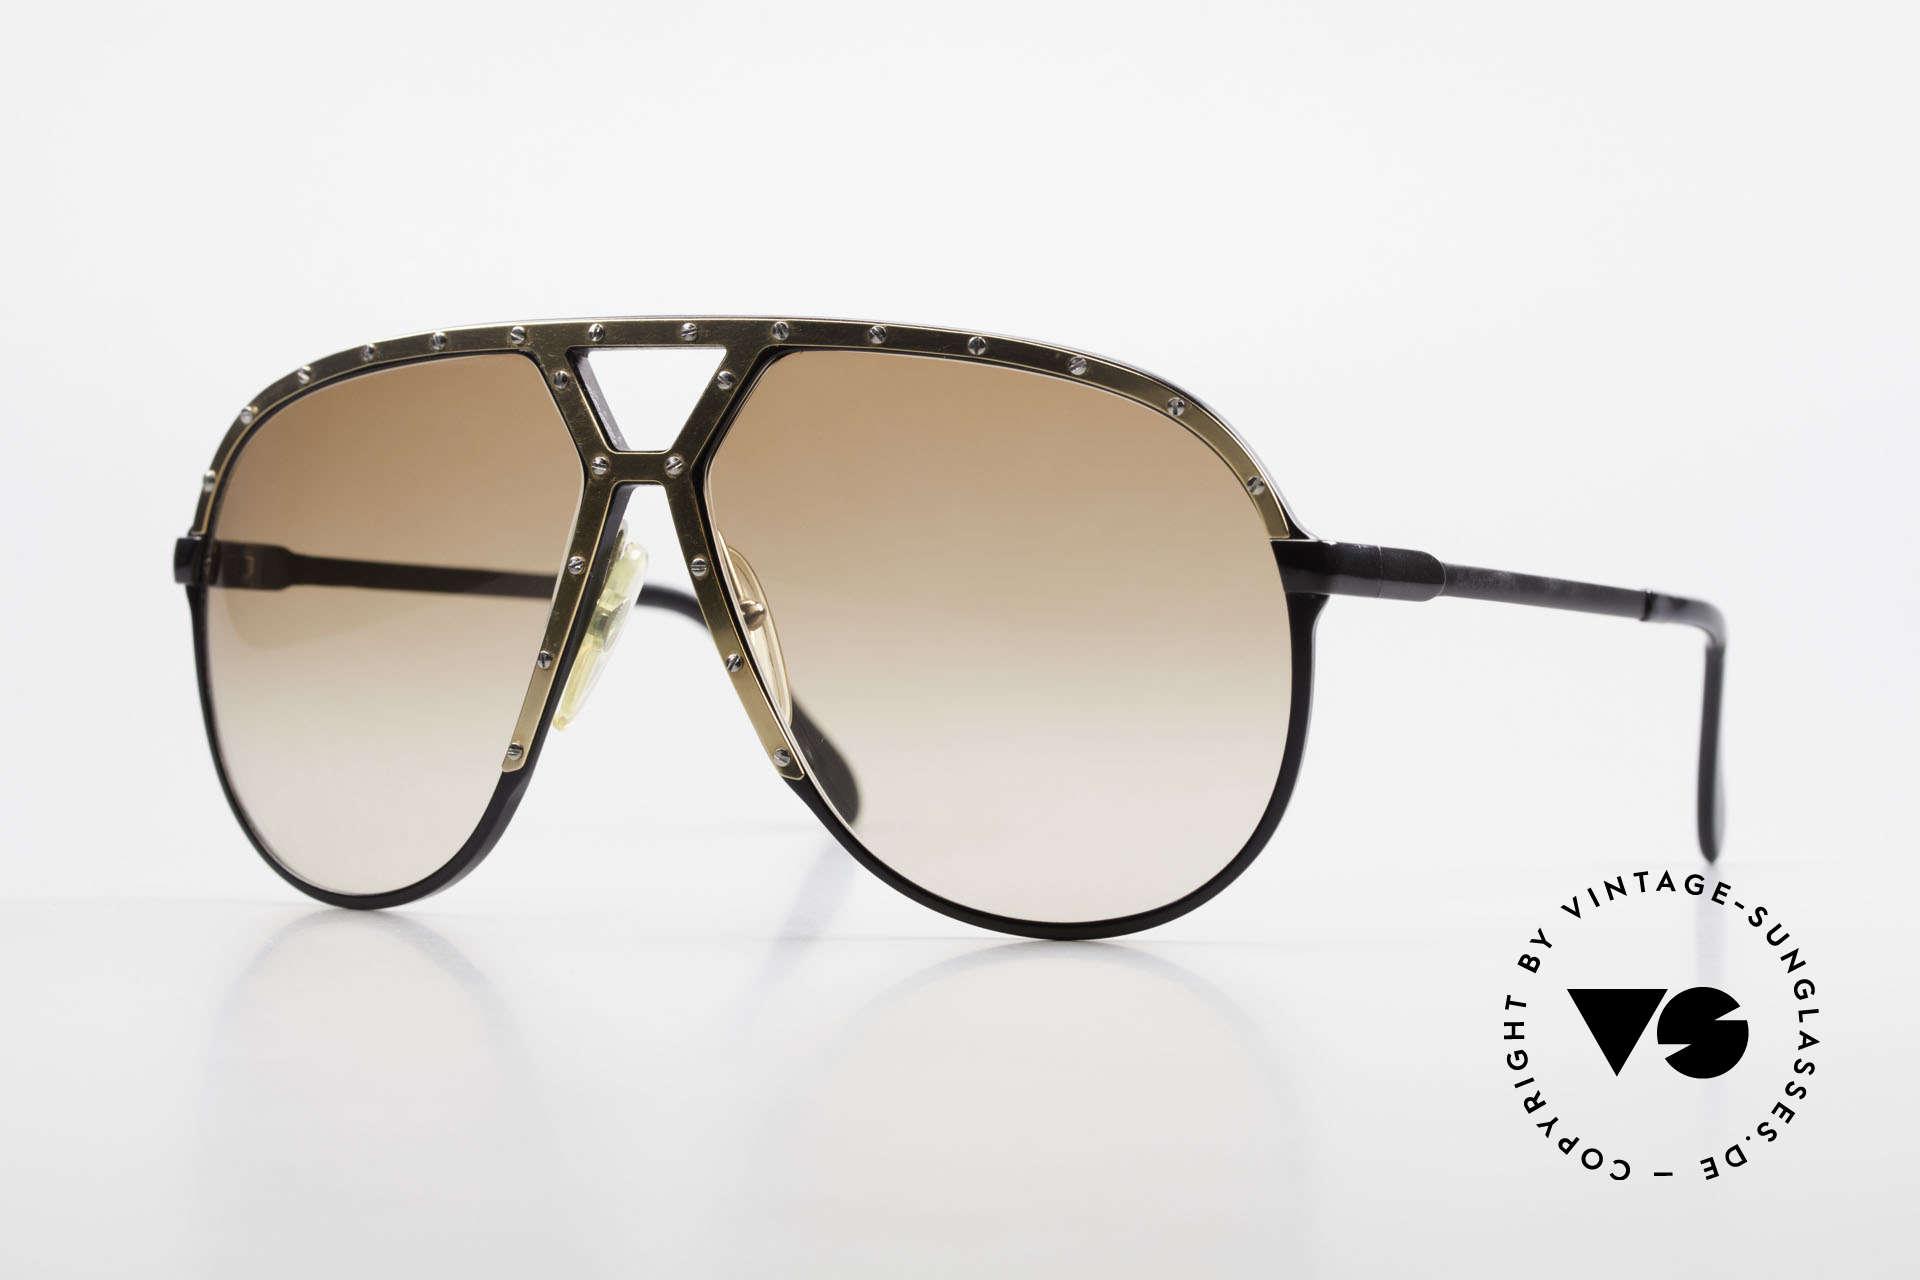 Alpina M1 80er Brille Keine Retrobrille, sehr seltene Alpina M1 80er Aviator Sonnenbrille, Passend für Herren